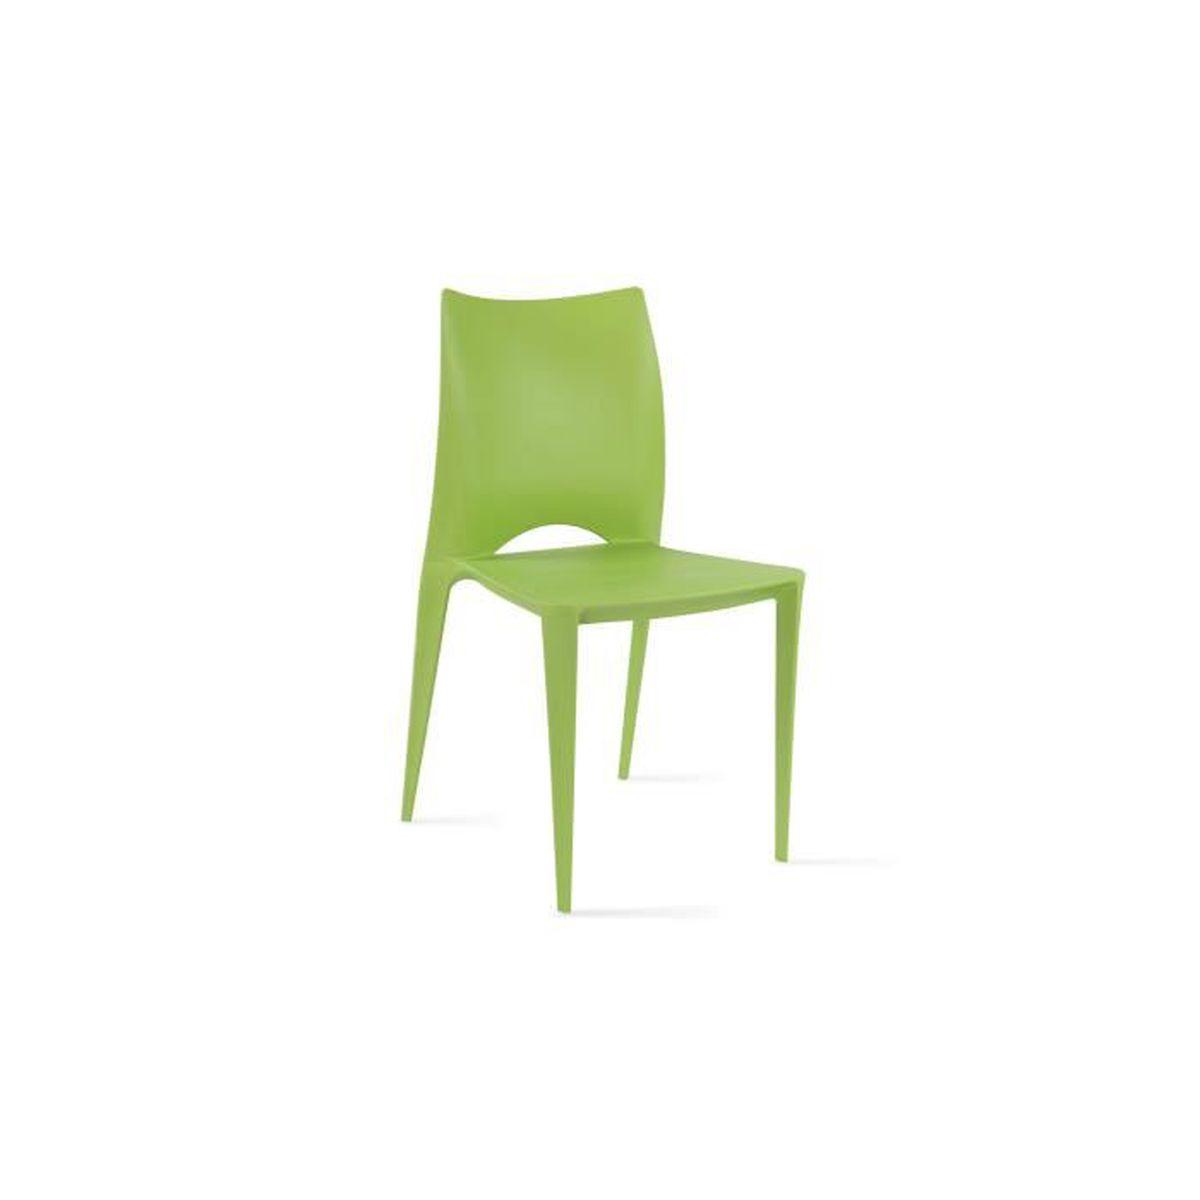 Chaise de jardin en plastique Vert - Achat / Vente salon de jardin ...